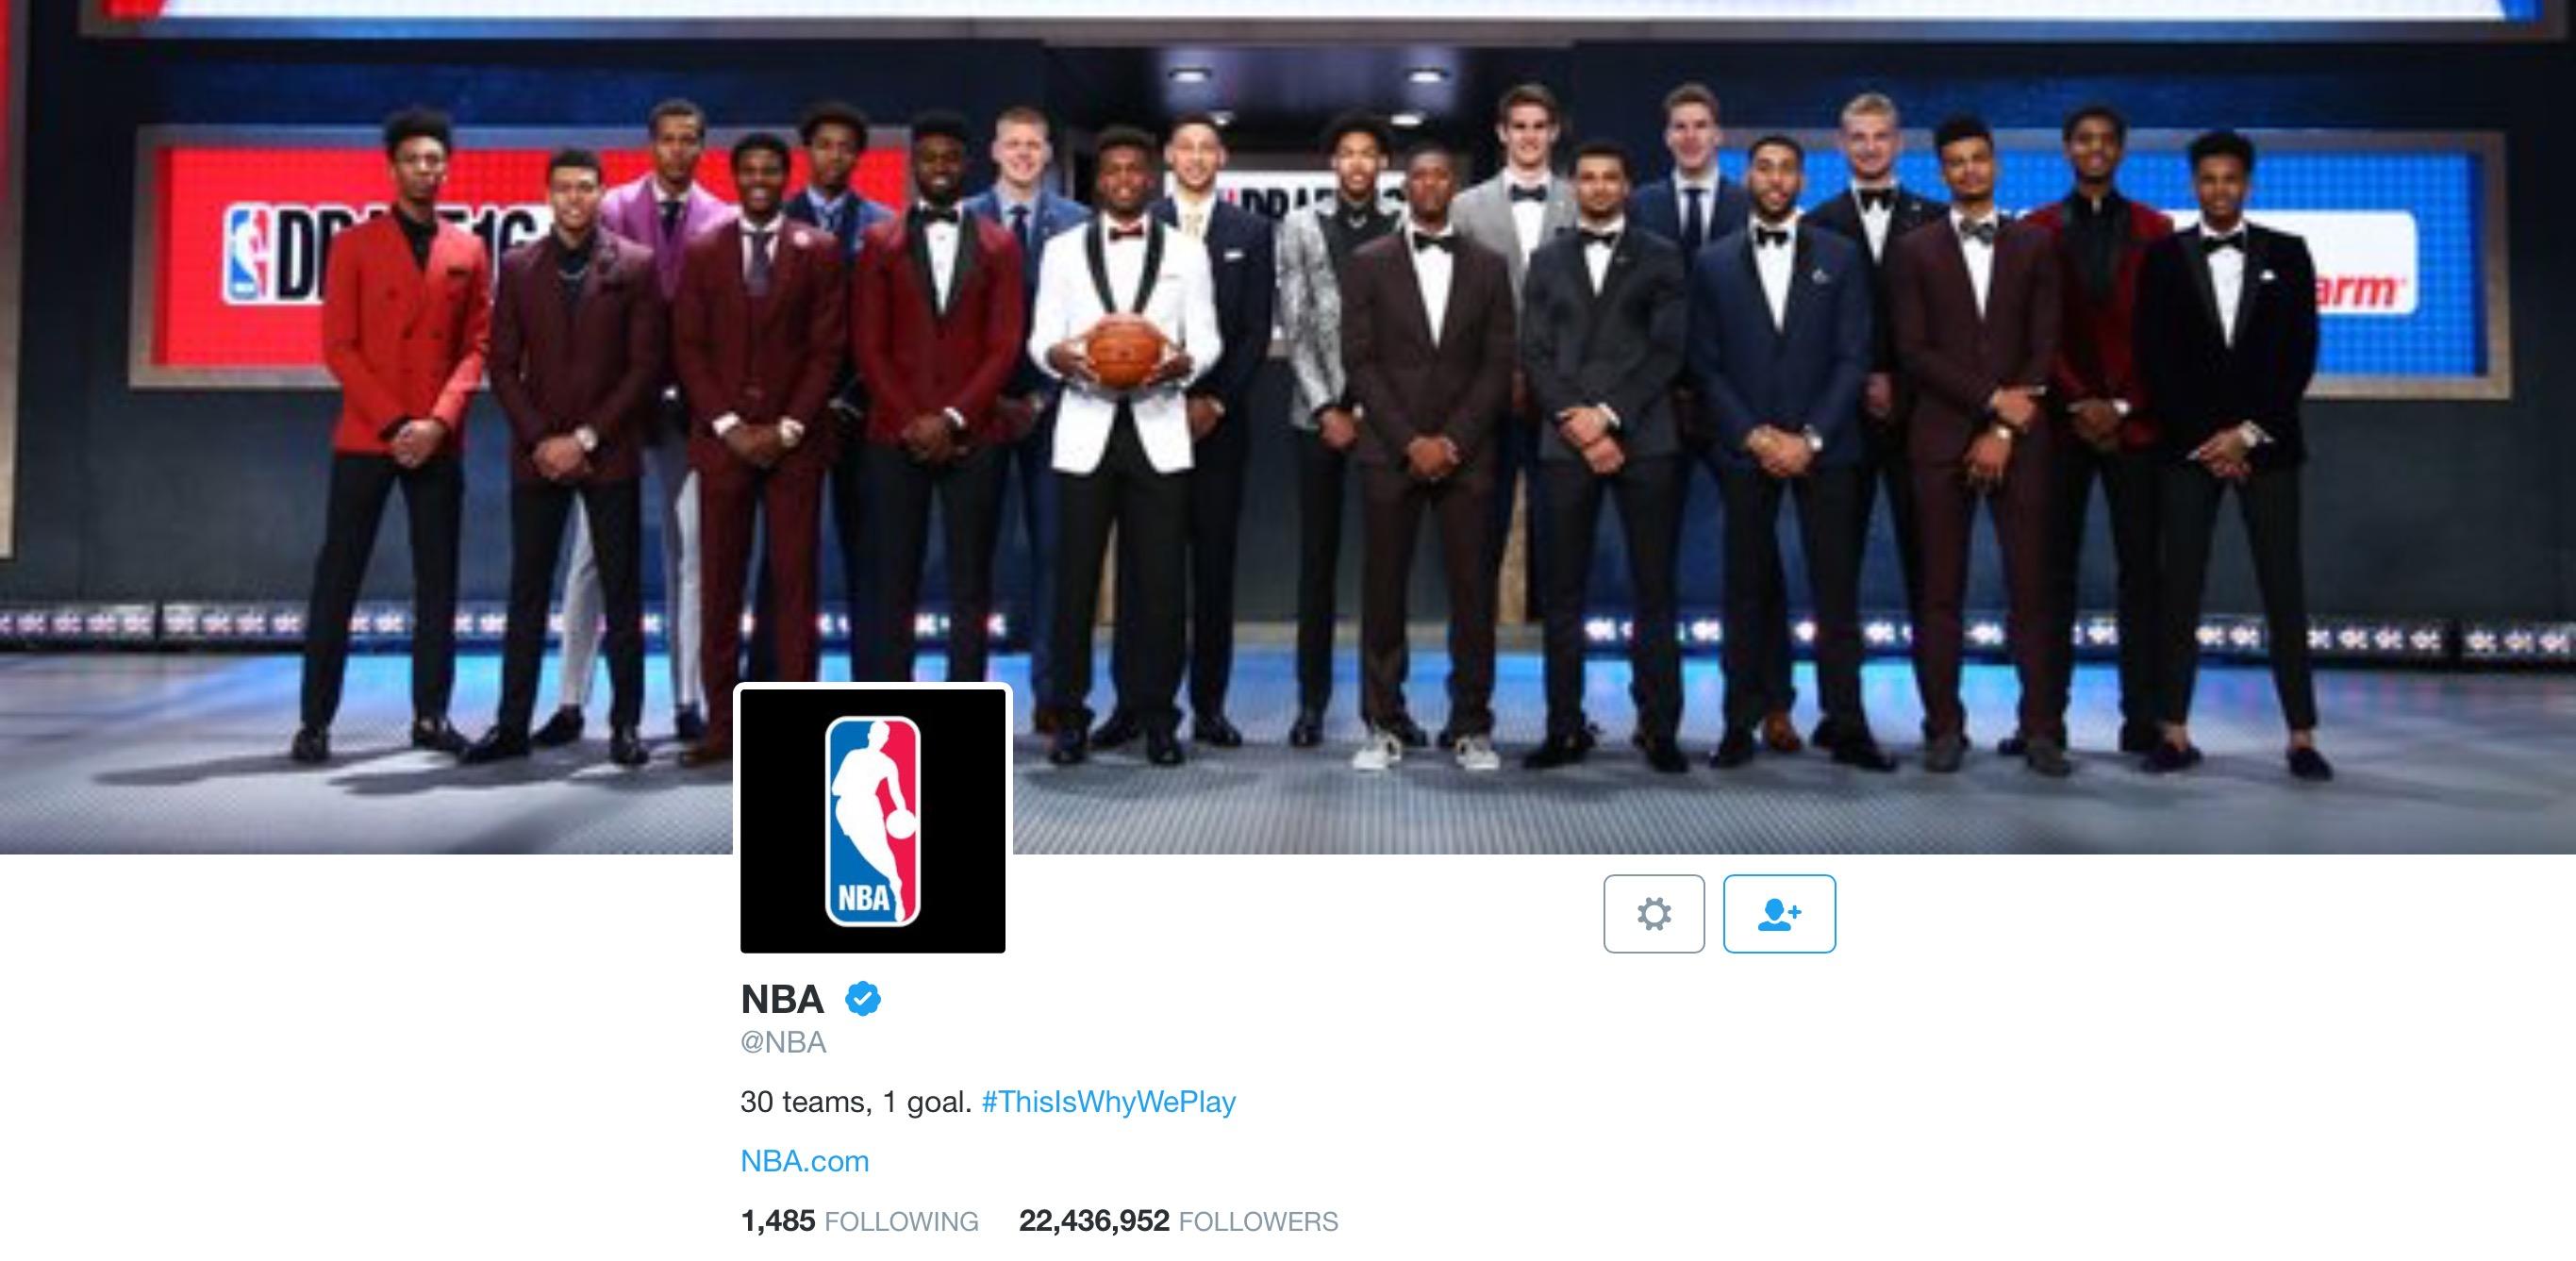 NBA Twitter page